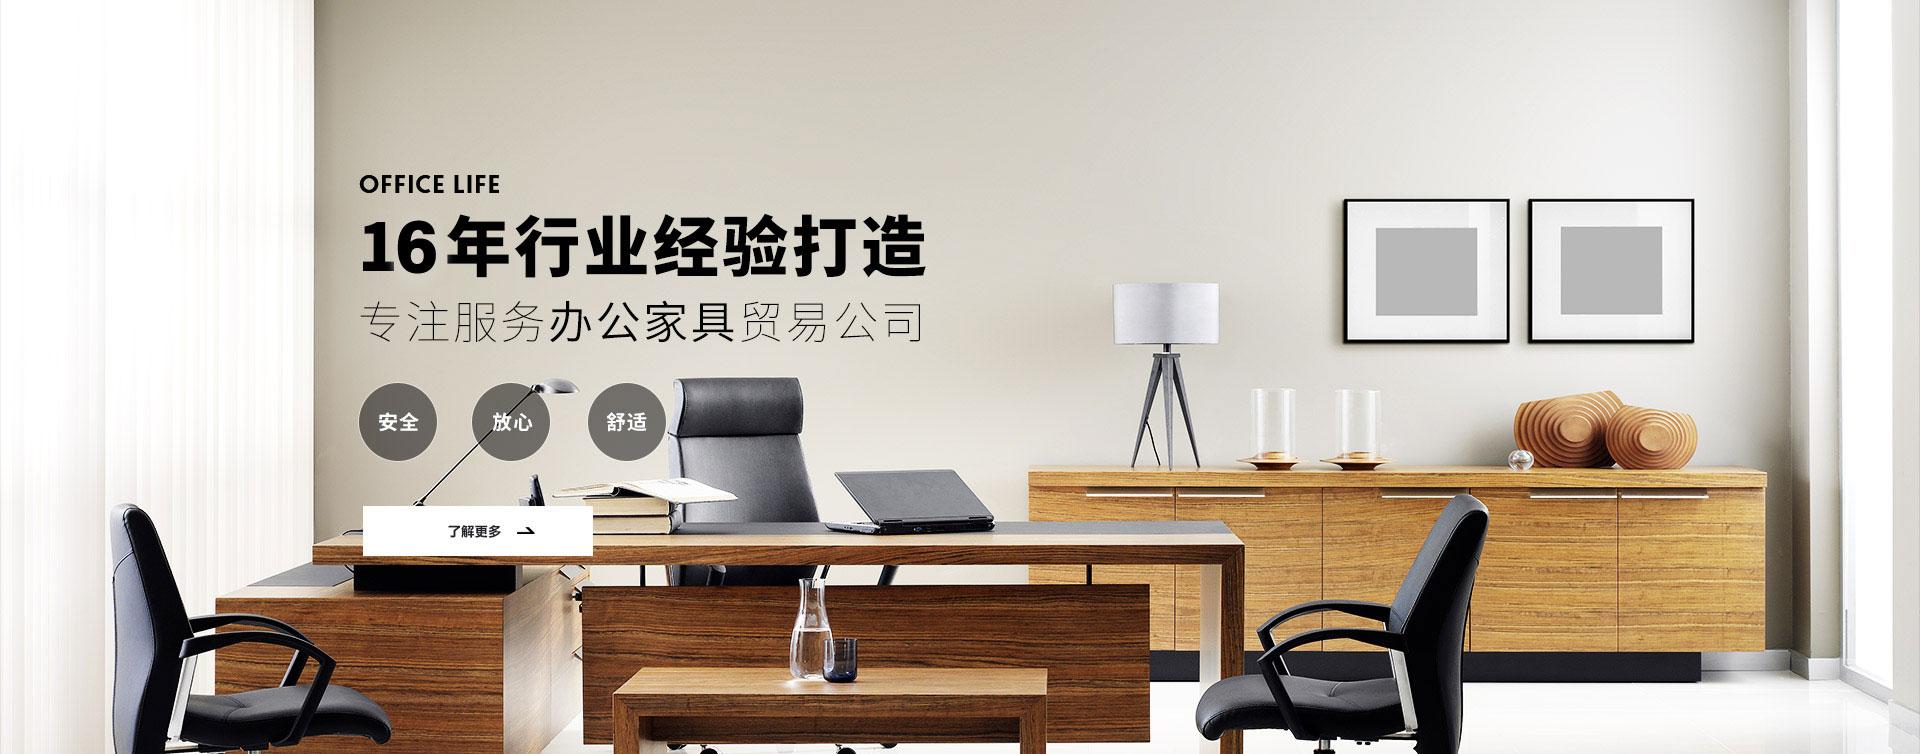 专注服务办公家具贸易公司-广州智兴家具